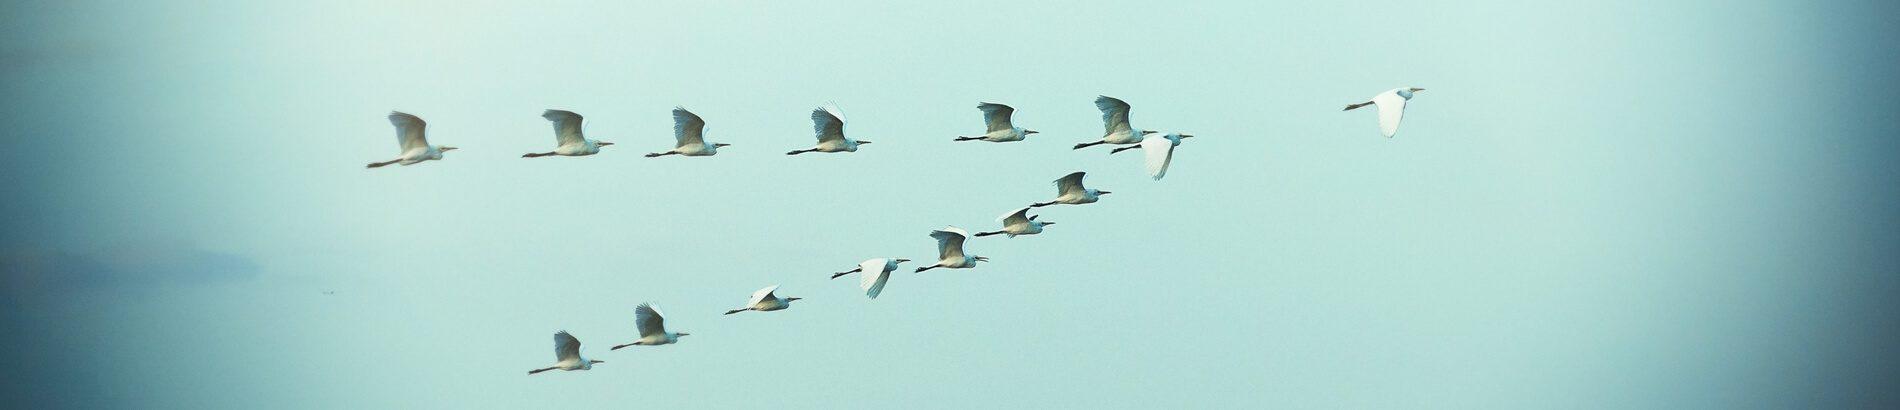 banner-birds